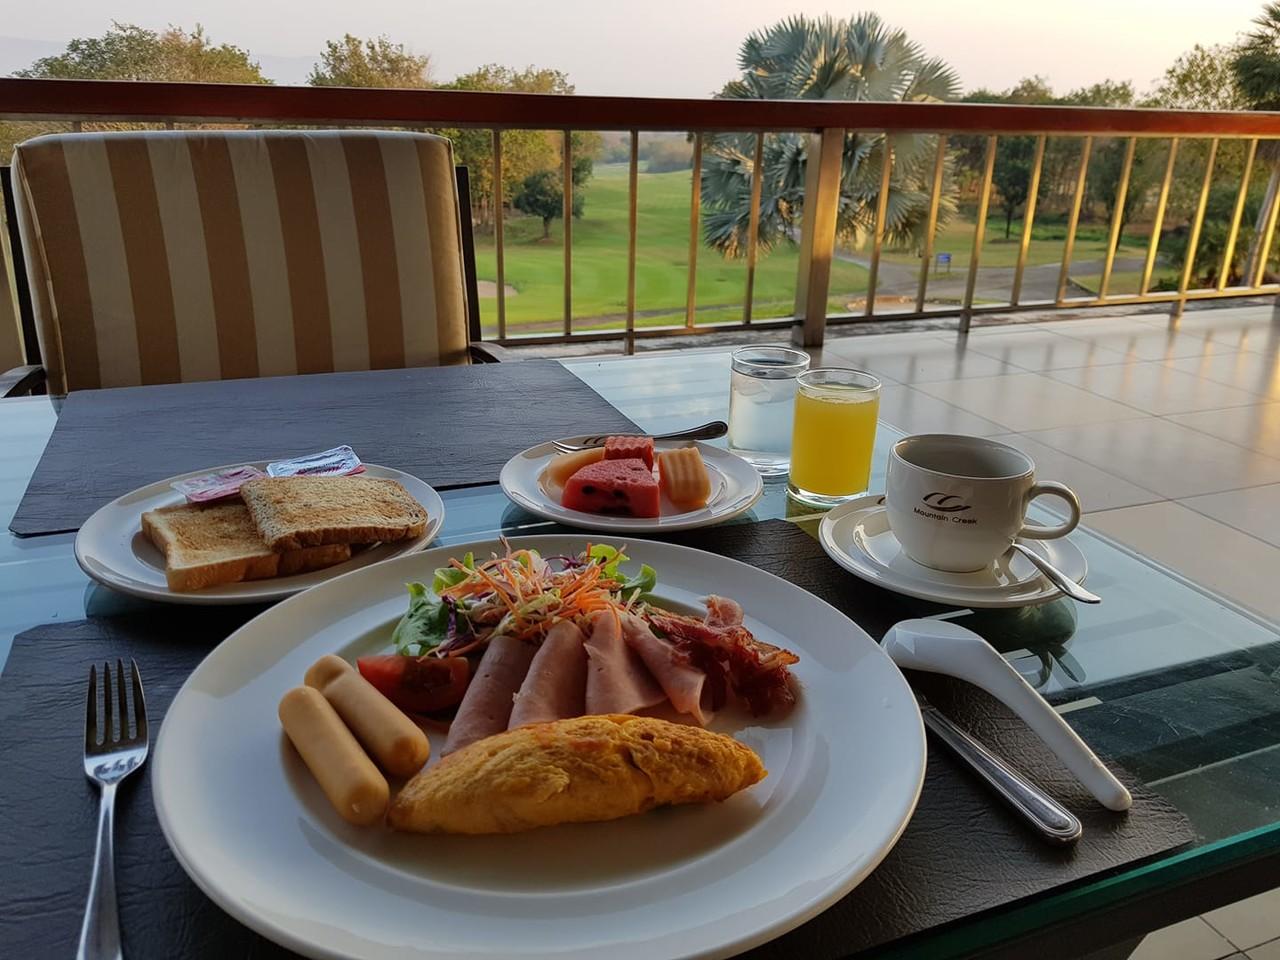 <b>때로는 나 홀로 아침 식사도 즐겨 보시구요</b>